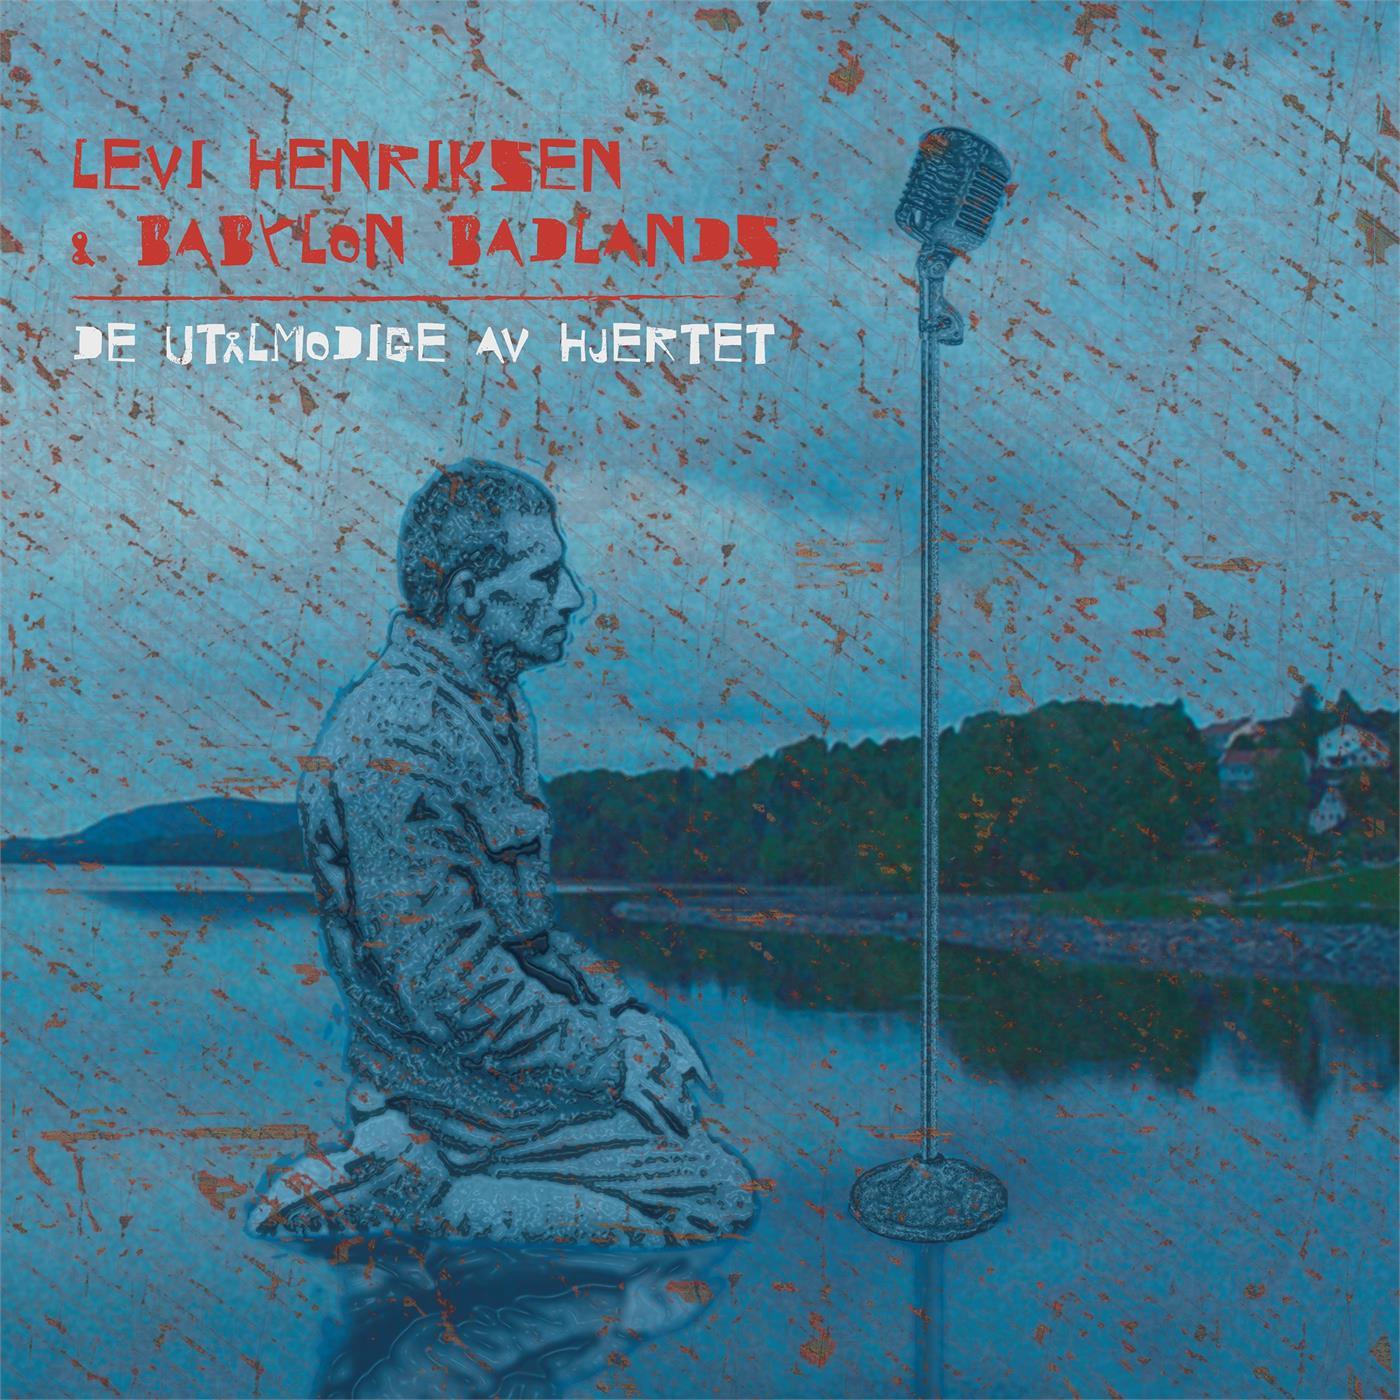 Levi Henriksen & Babylon Badlands - De utålmodige av hjertet [LP]